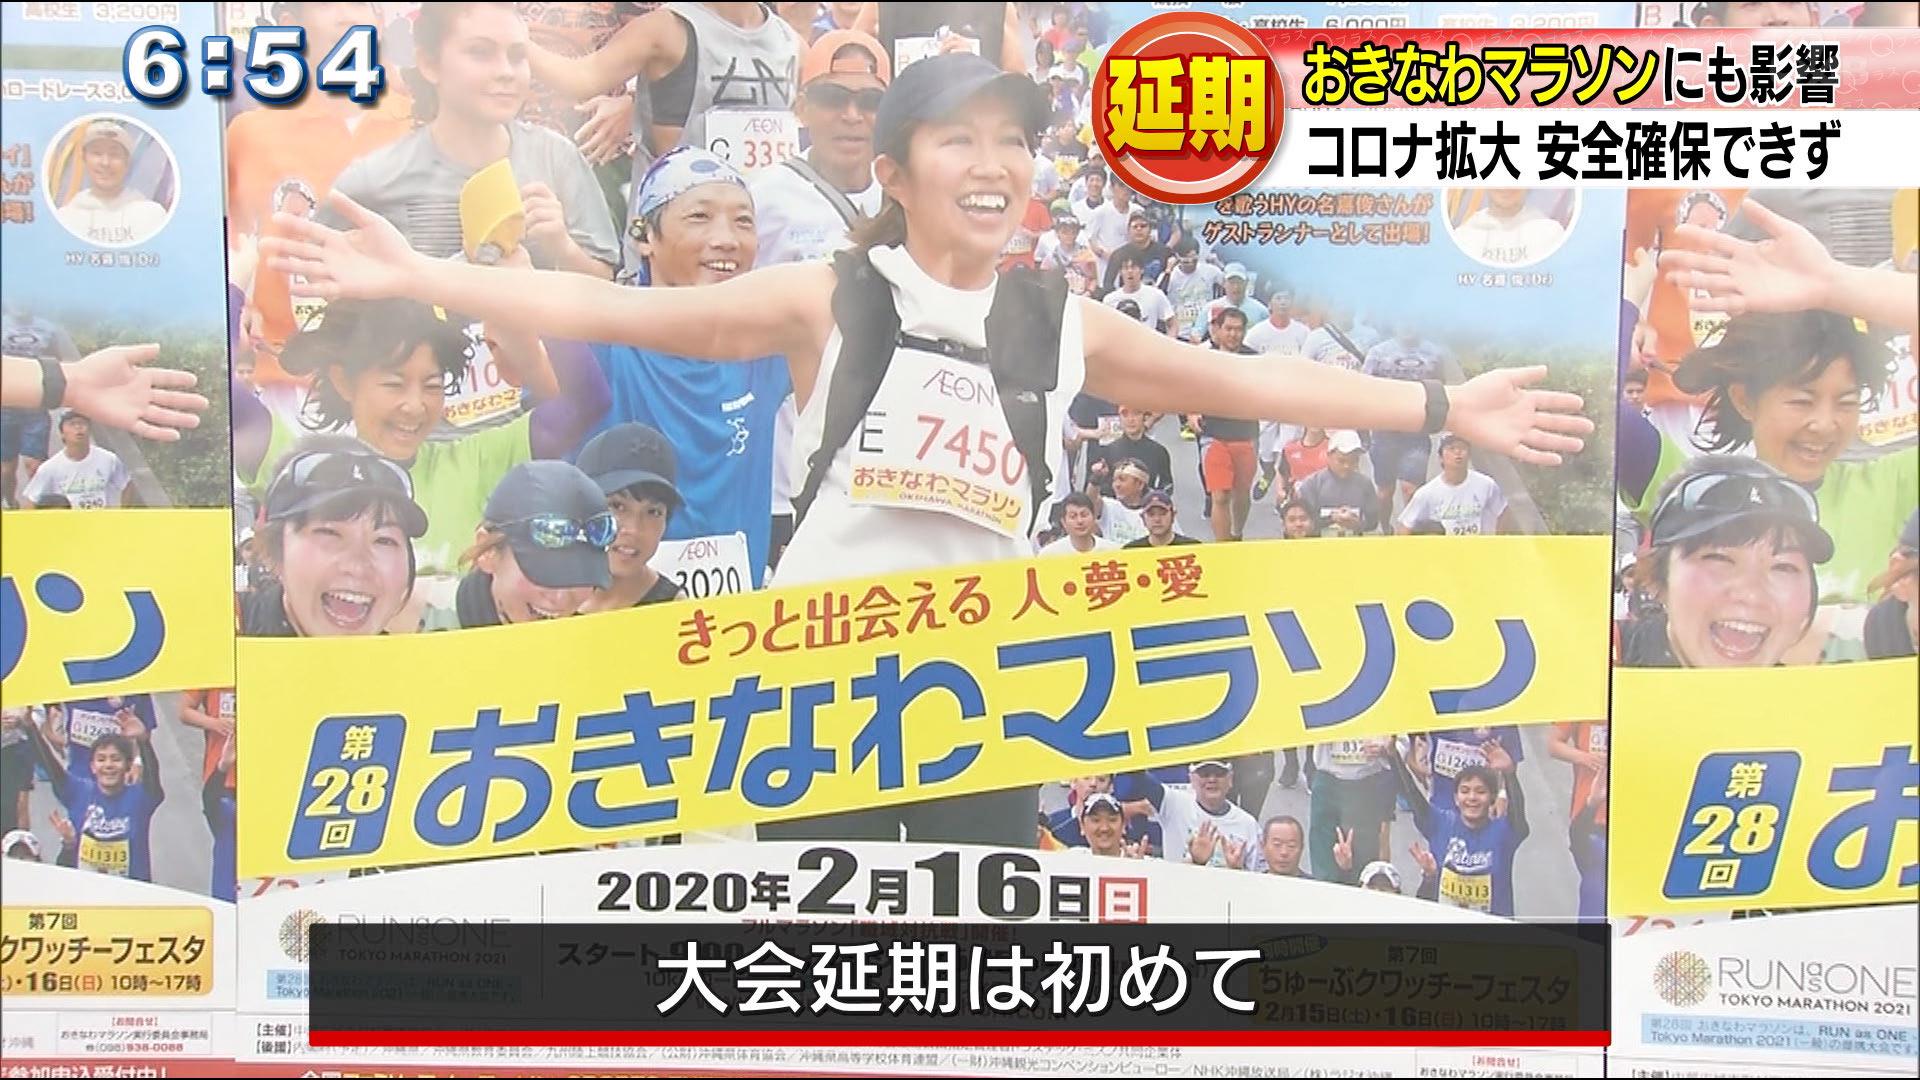 おきなわマラソン1年延期